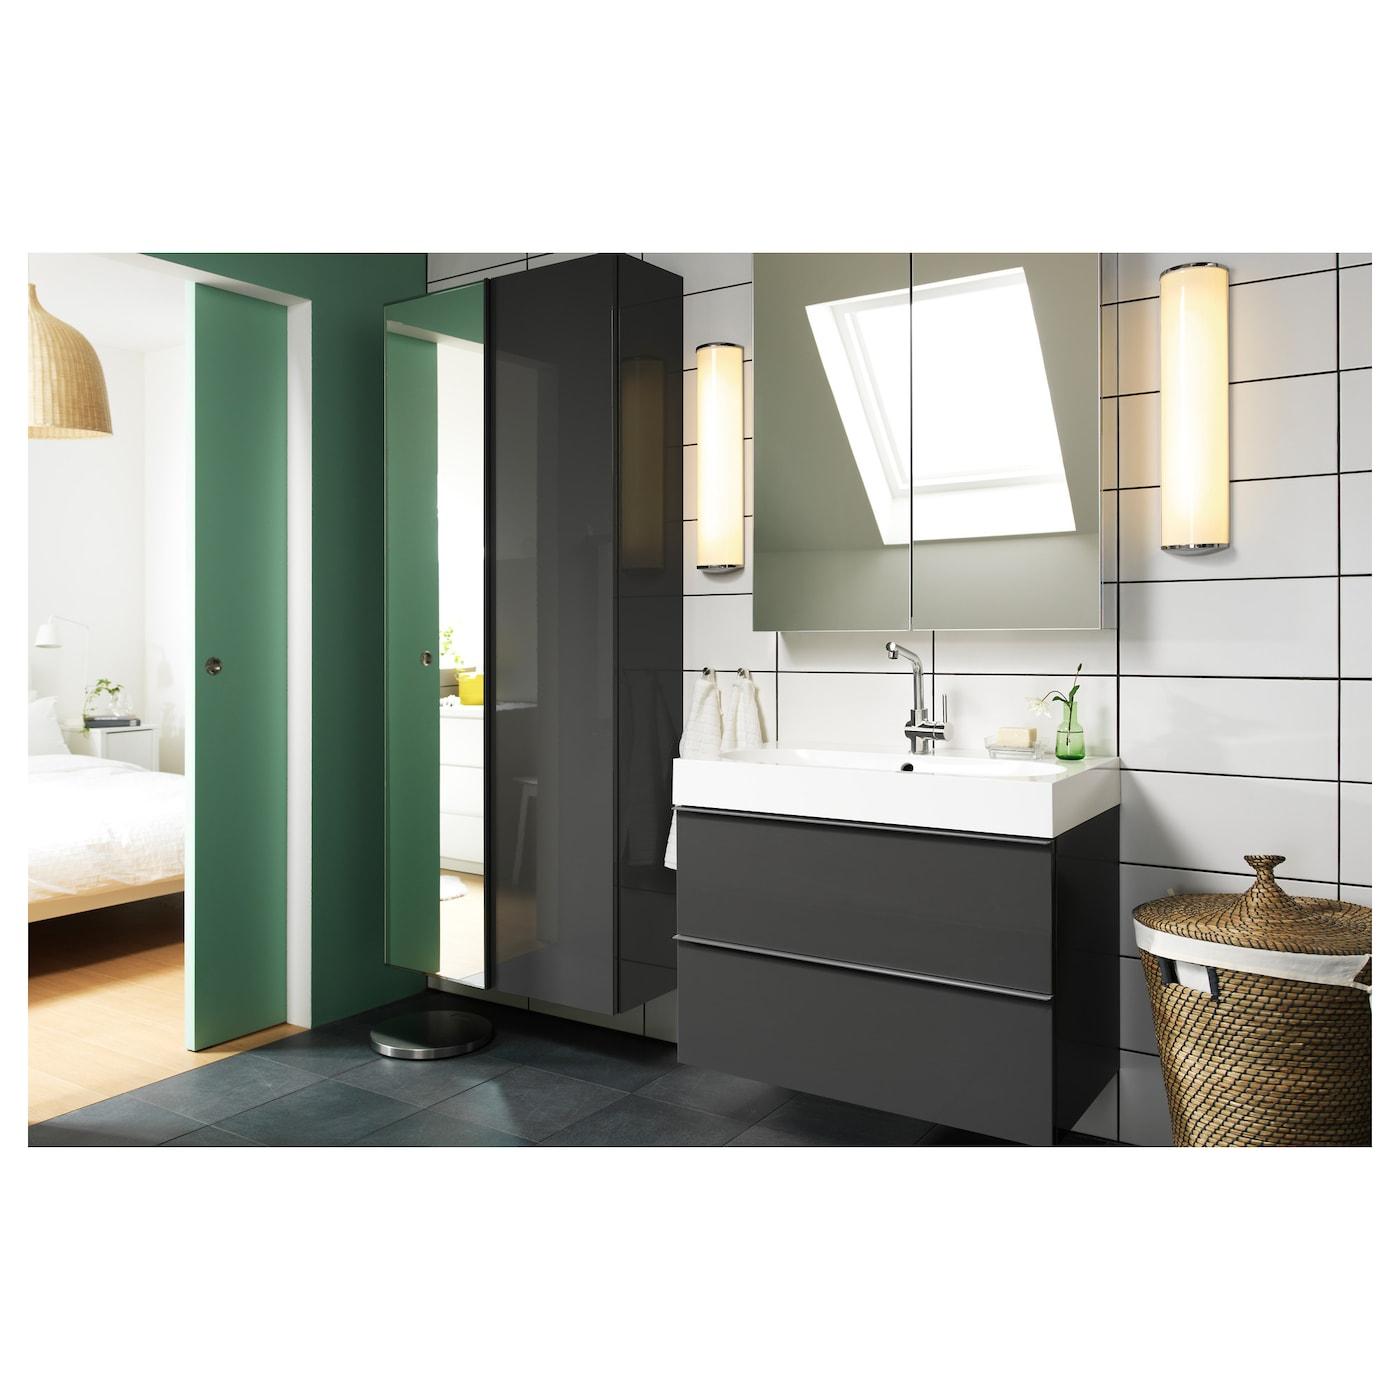 Br Viken Godmorgon Armario Lavabo 2 Cajones Alto Brillo Gris 80 X 48 X 68 Cm Ikea